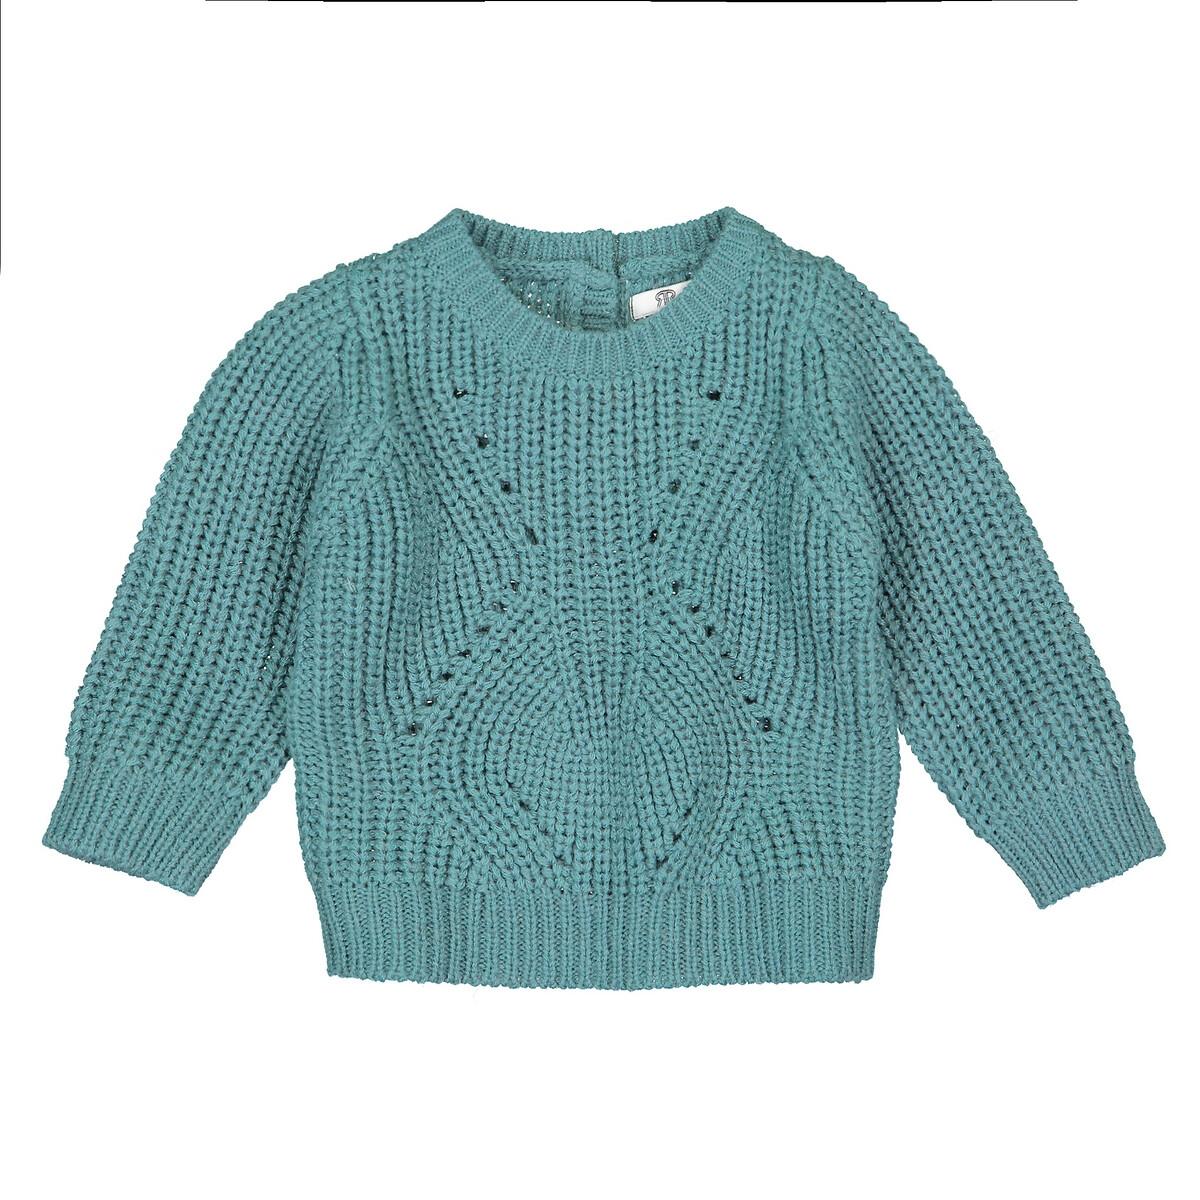 Пуловер La Redoute С круглым вырезом из трикотажа 3 мес-4 года 2 - 86 см зеленый